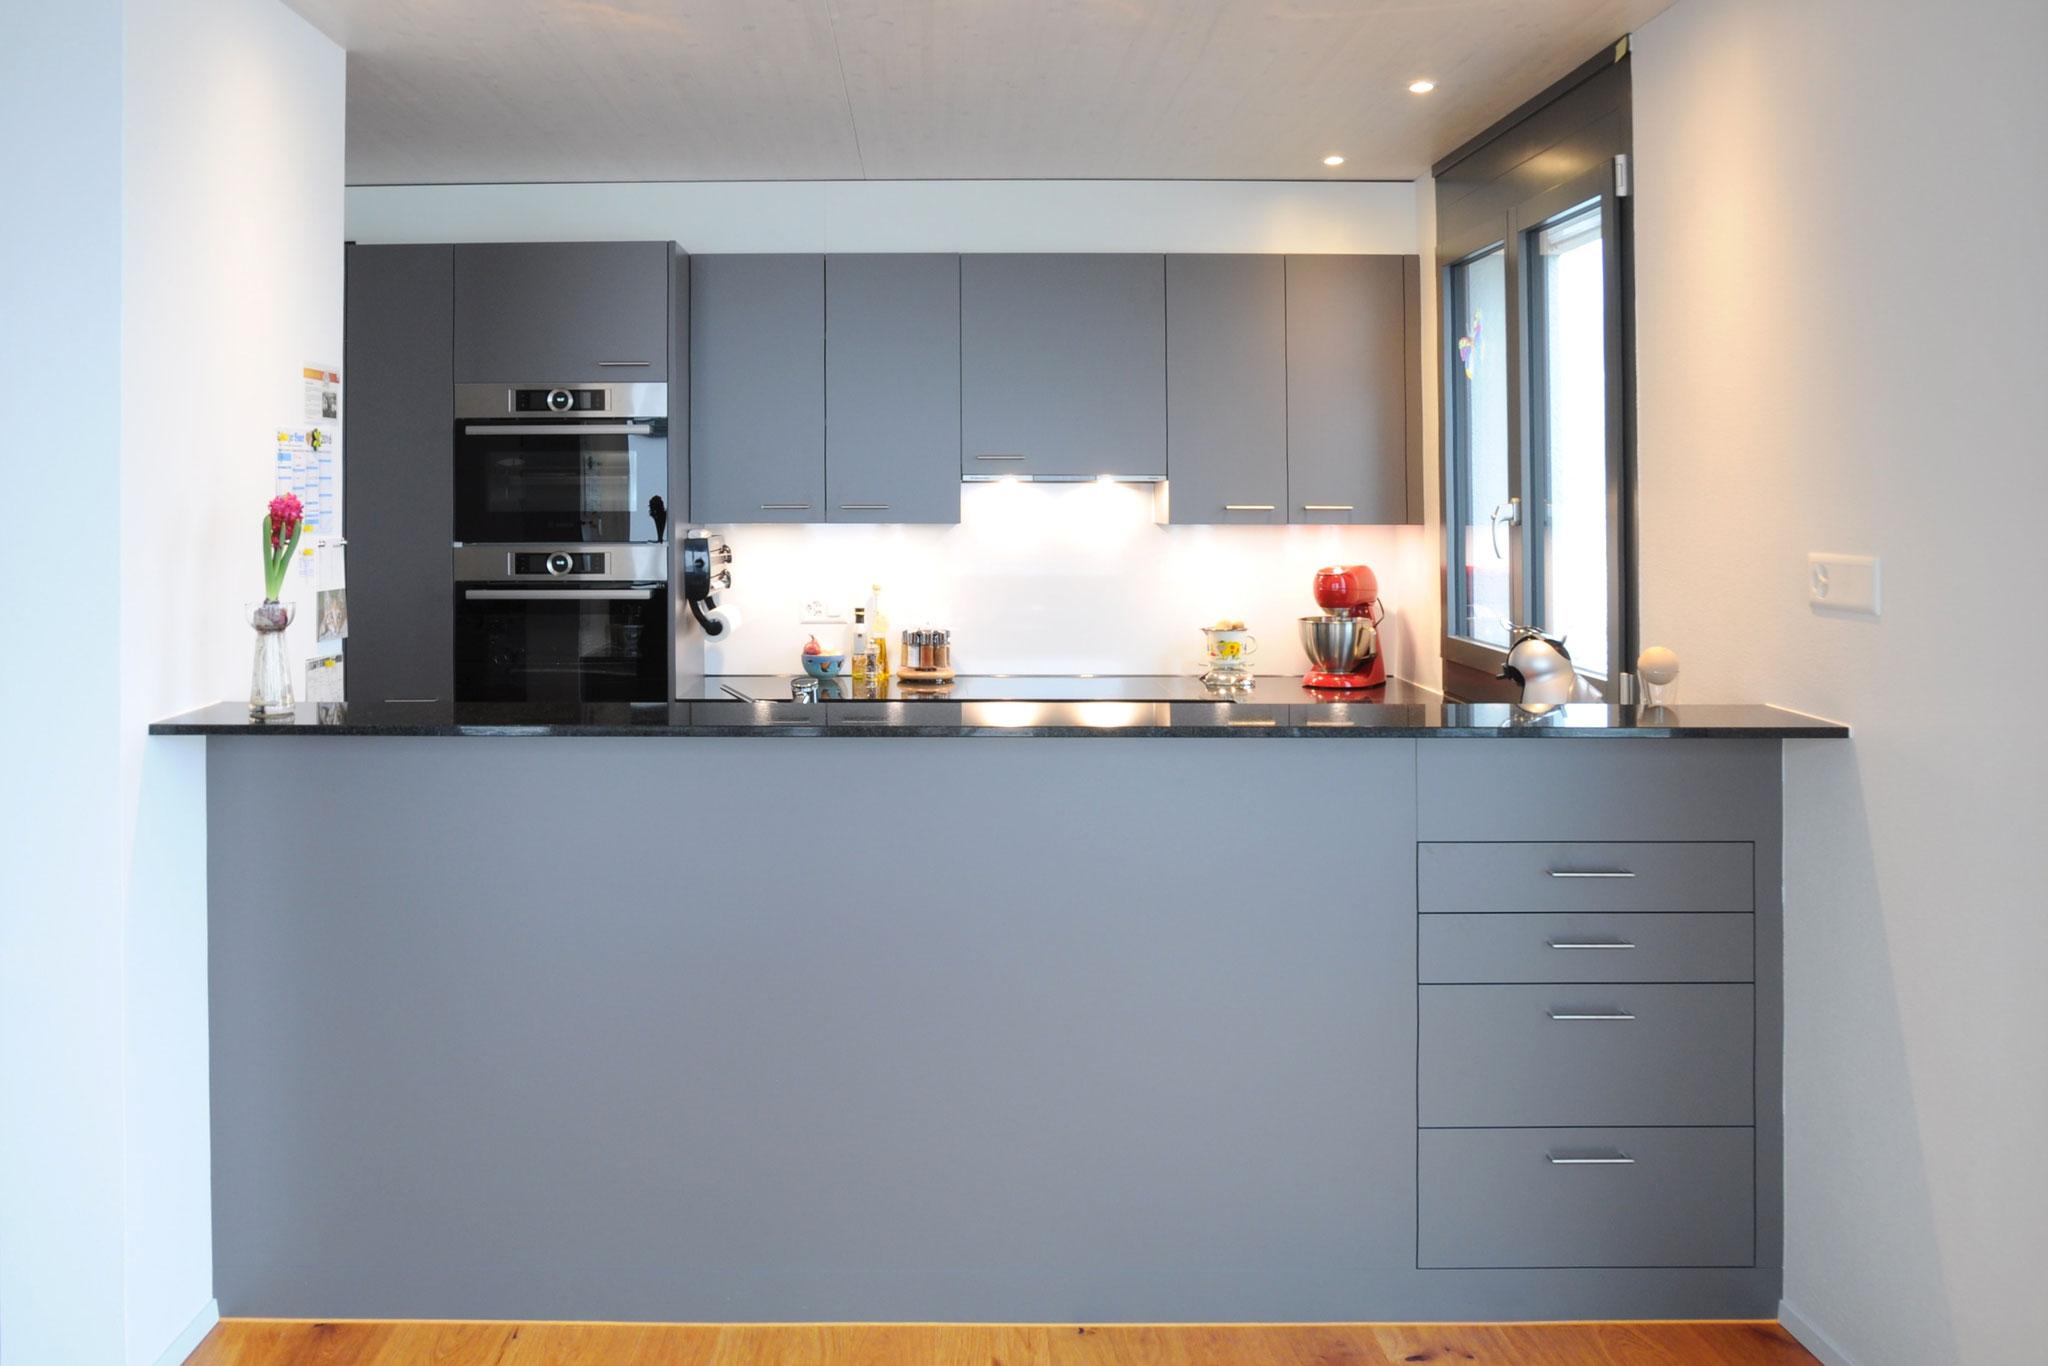 Moderne Küche Auf Kleinem Raum: Ideen